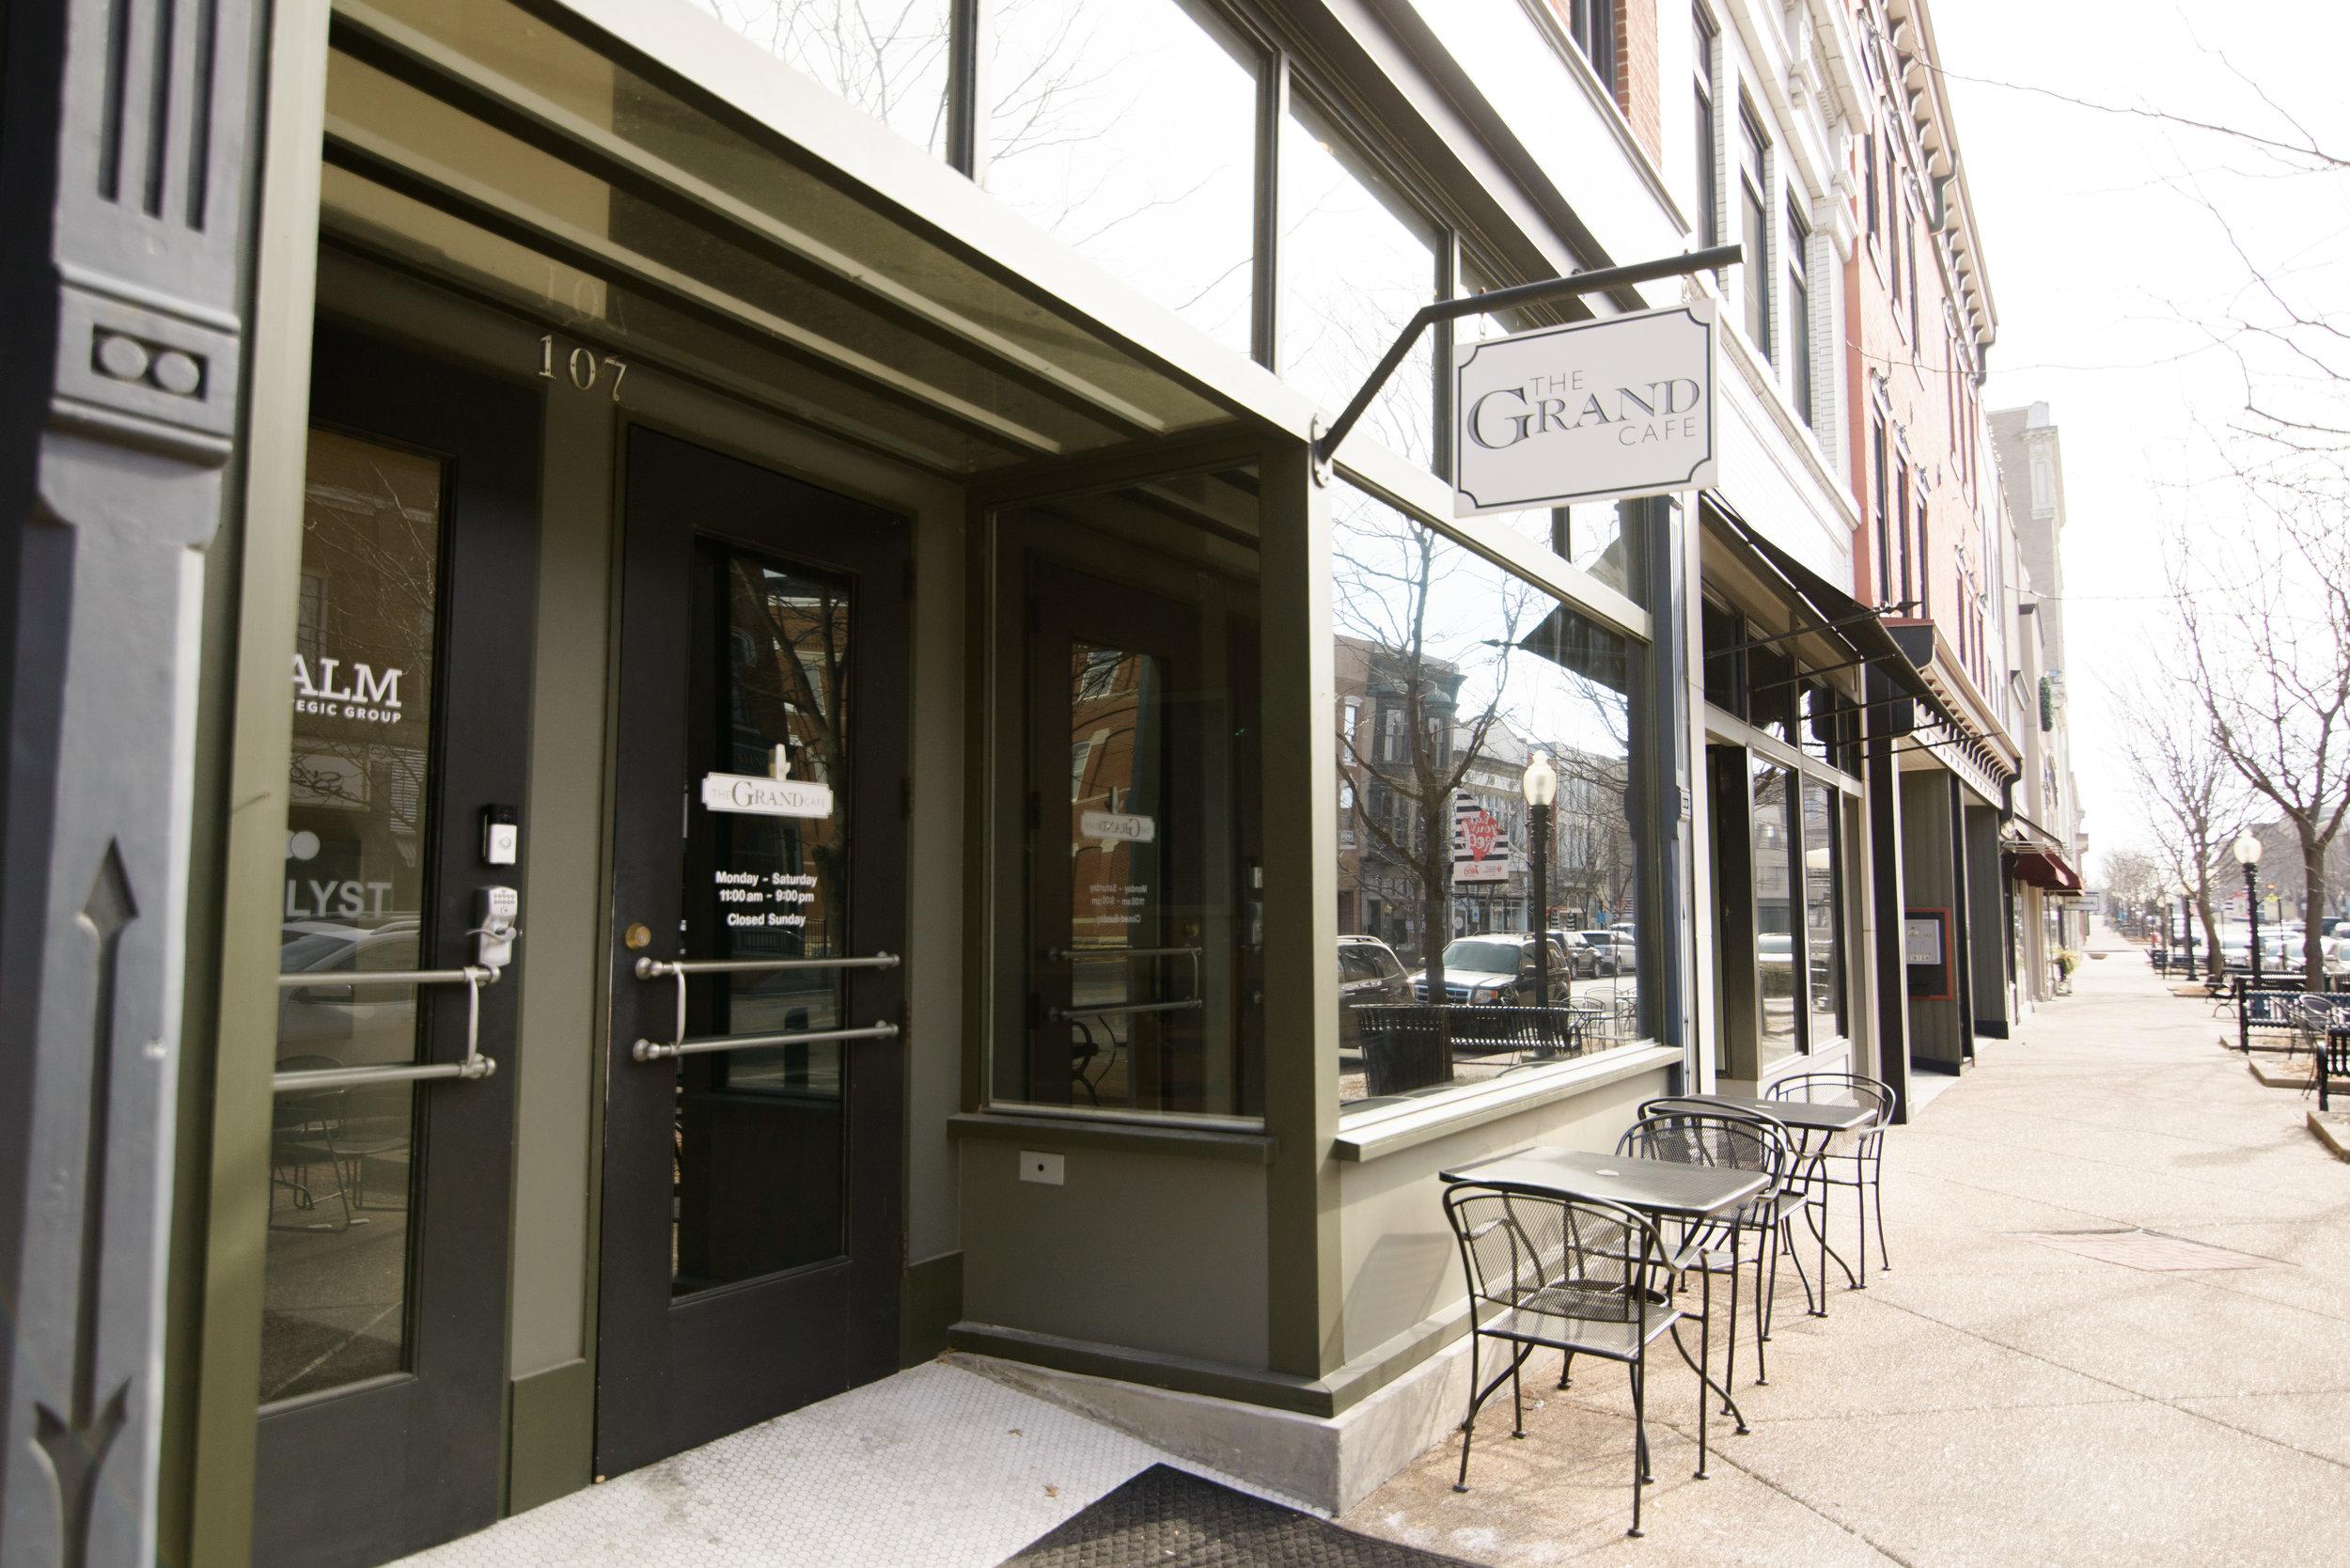 The Grand Cafe Jefferson City, MO